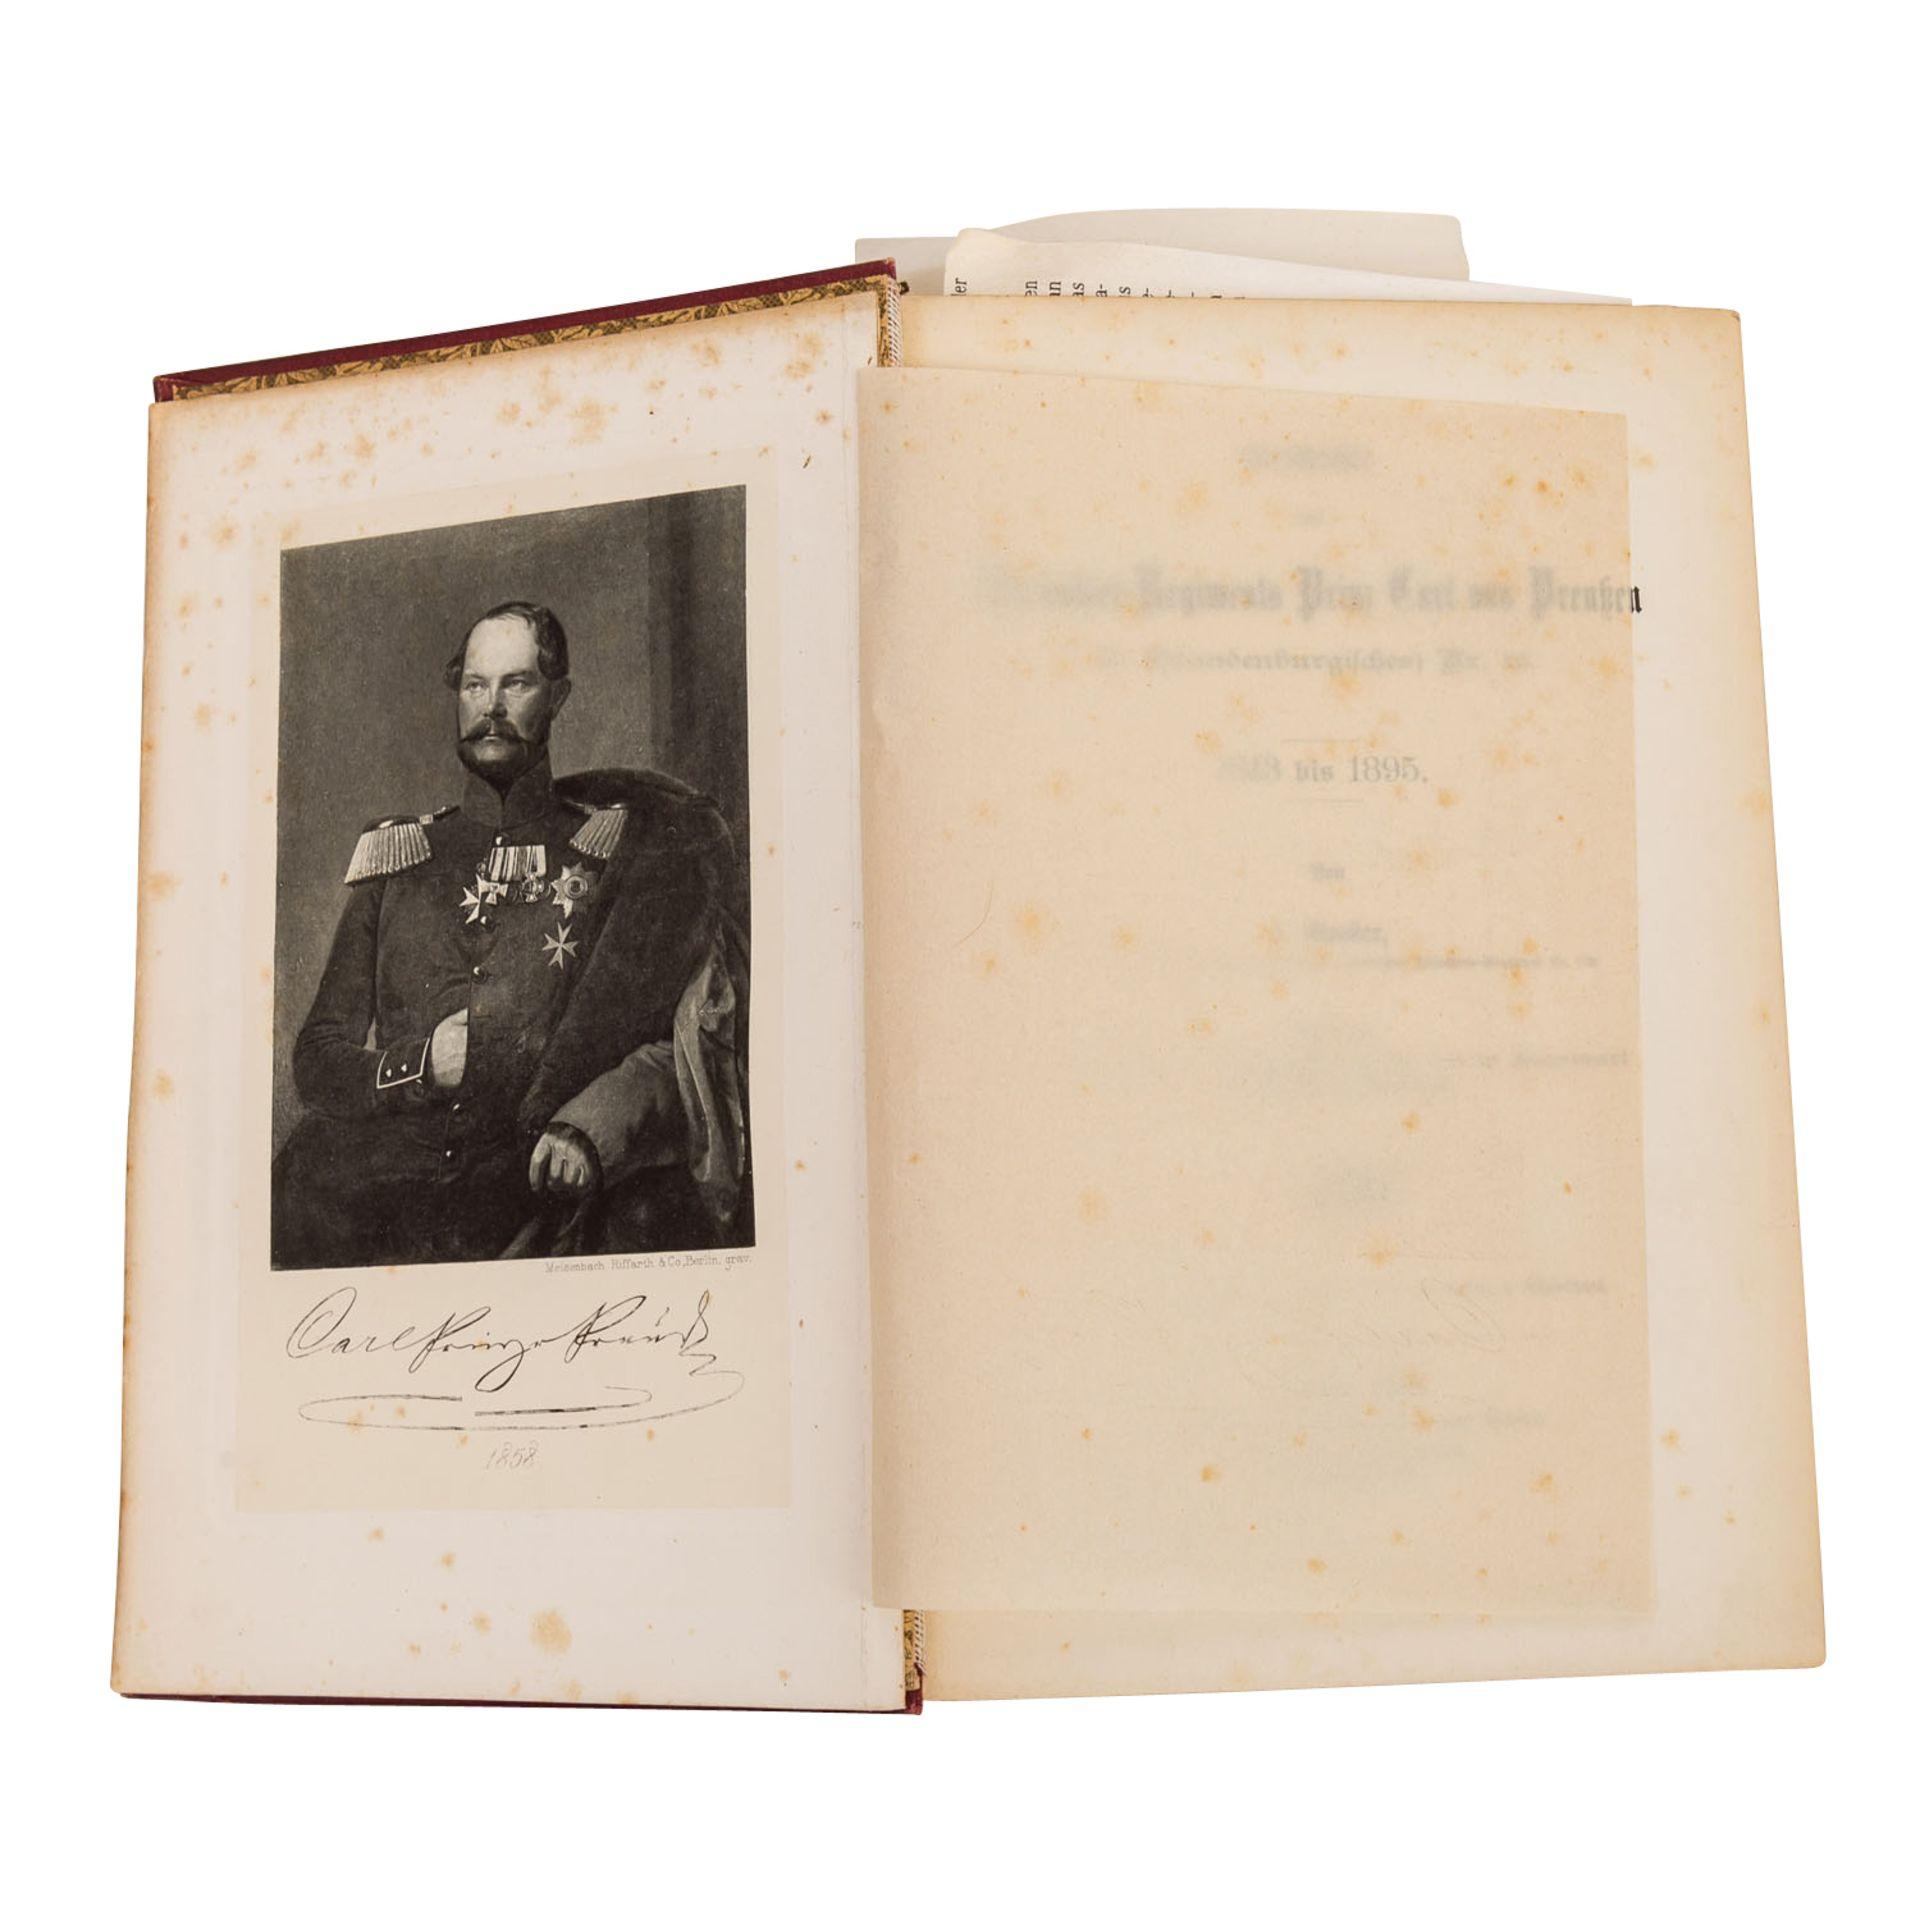 Geschichte des Grenadier-Regiments Prinz Carl - Bild 3 aus 3